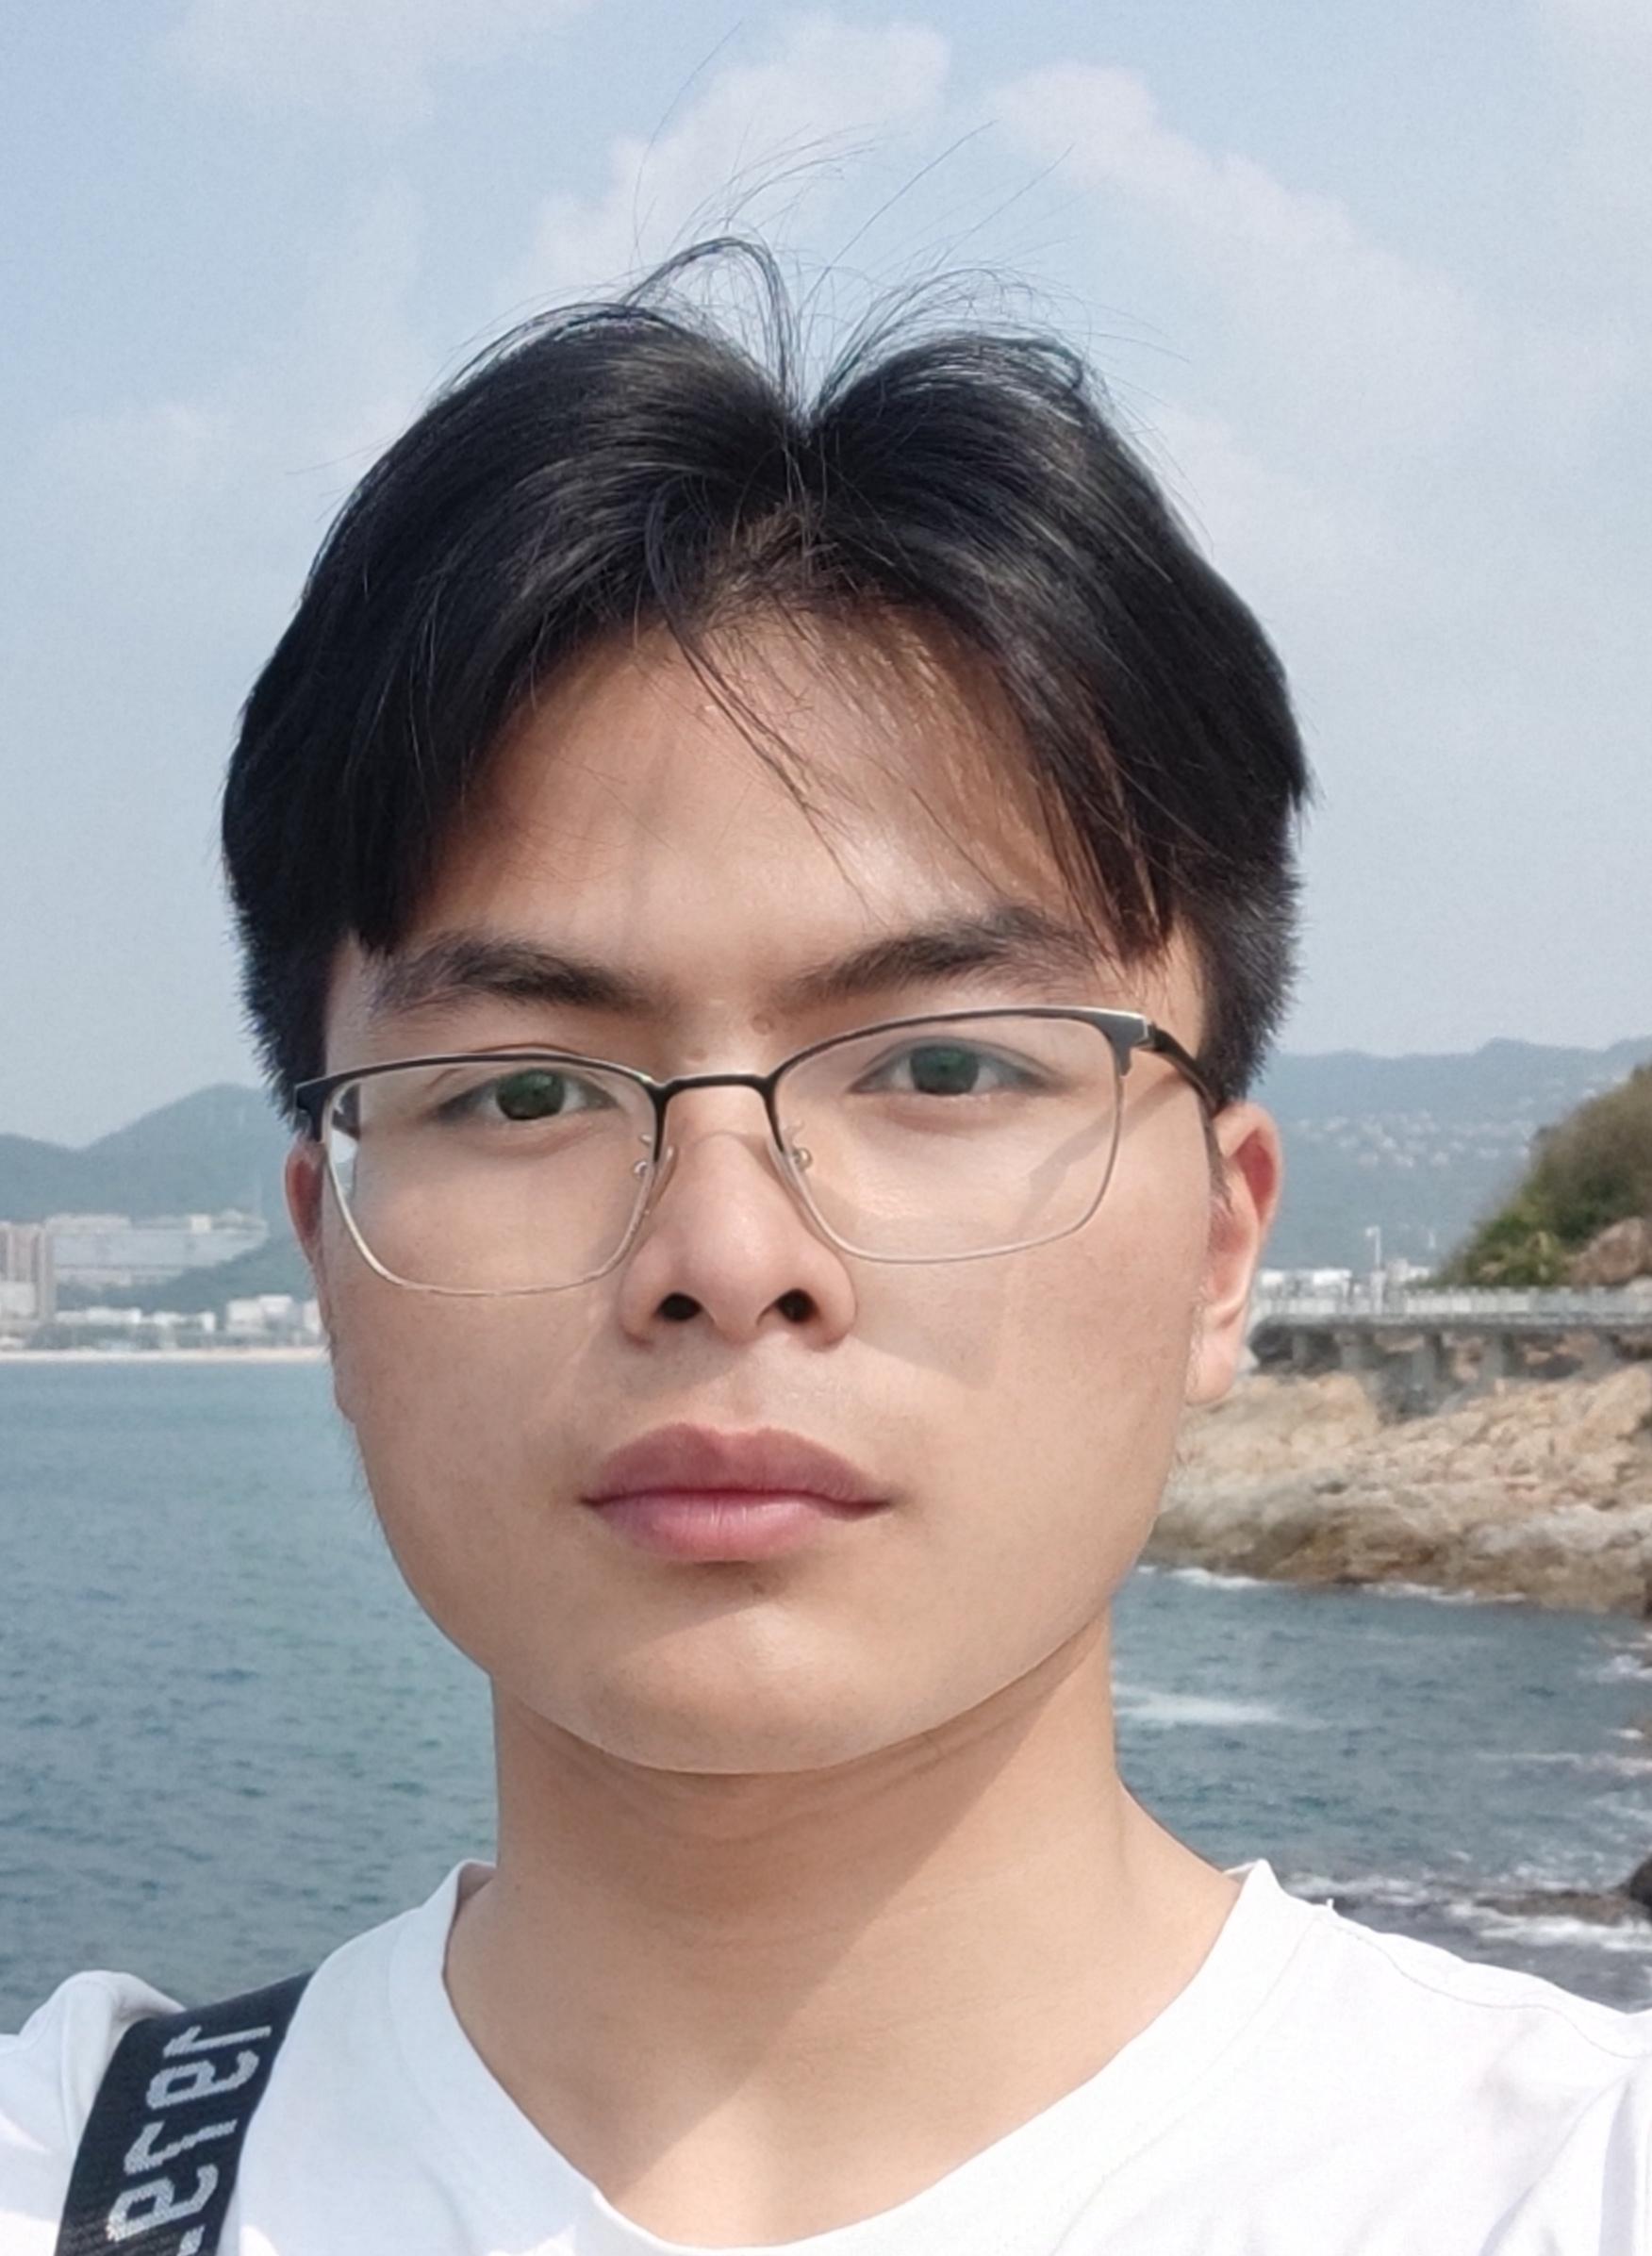 深圳家教龙教员